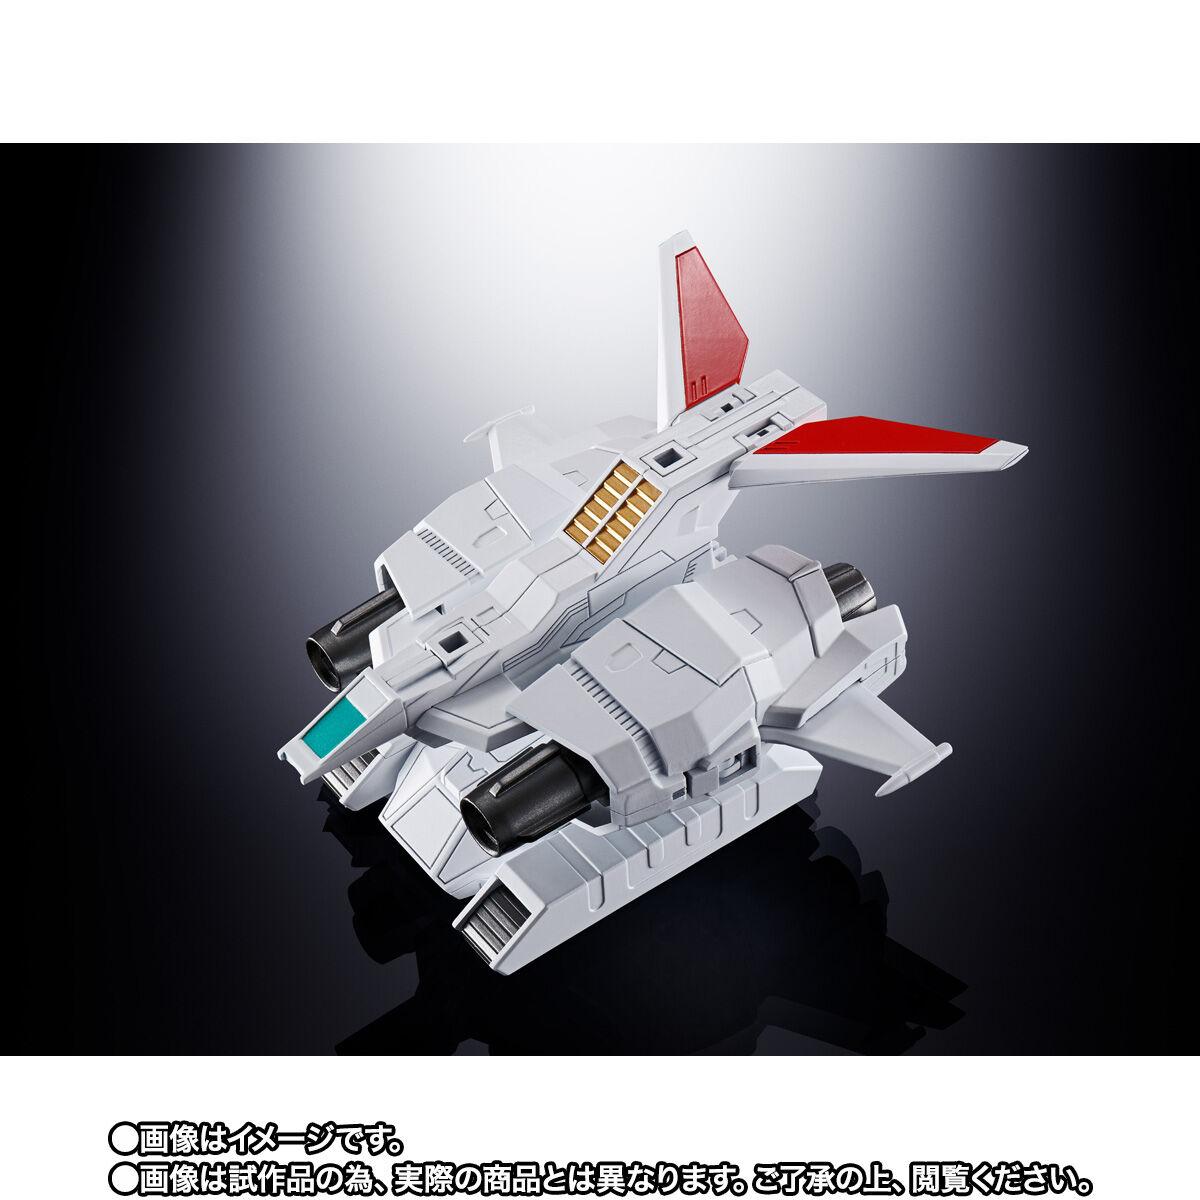 【限定販売】超合金魂『GX-96X Gアームライザー』ゲッターロボ號 可動フィギュア-005